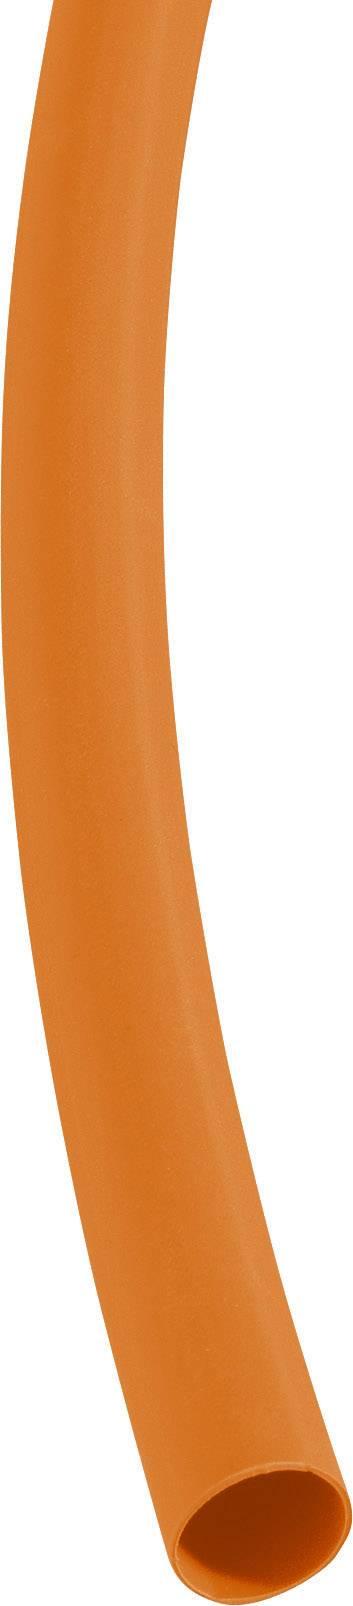 Smršťovací bužírka DERAY(R) - I 3000 /ø před/po smrštění: 9,5 mm/3 mm, oranžová